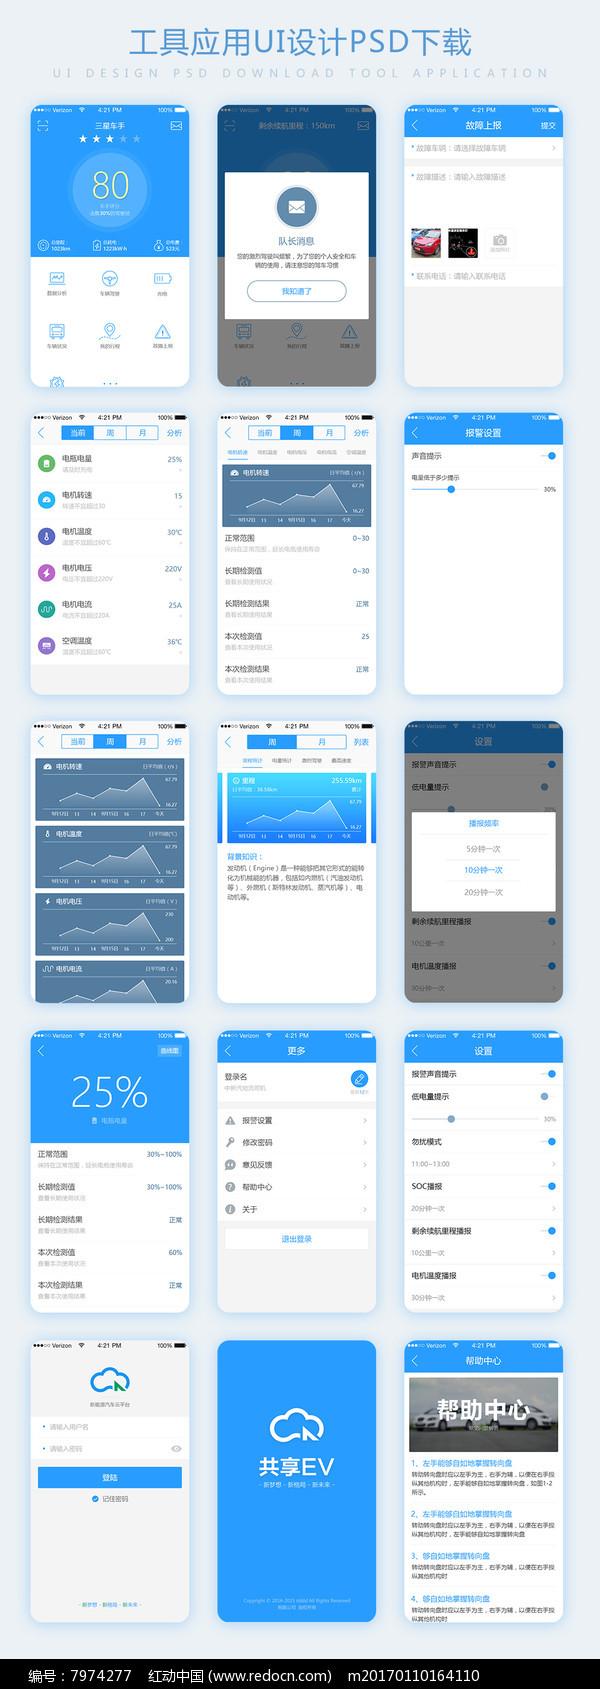 扁平化工具手机应用UI设计首页数据图标图片